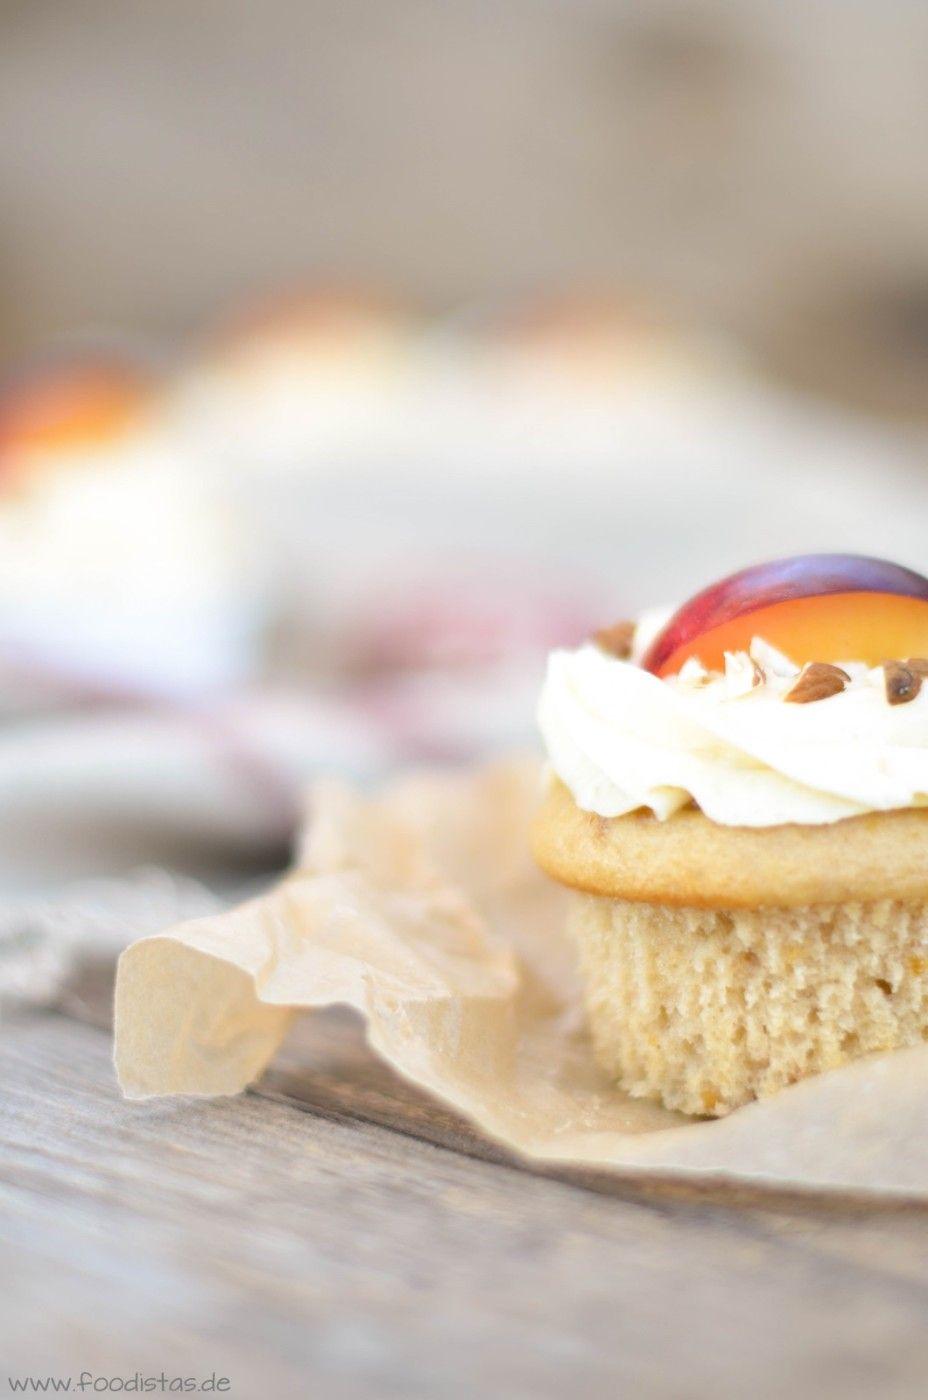 Pflaumen Cupcakes mit Mandeltopping und beschwipstemKompott von den [Foodistas]